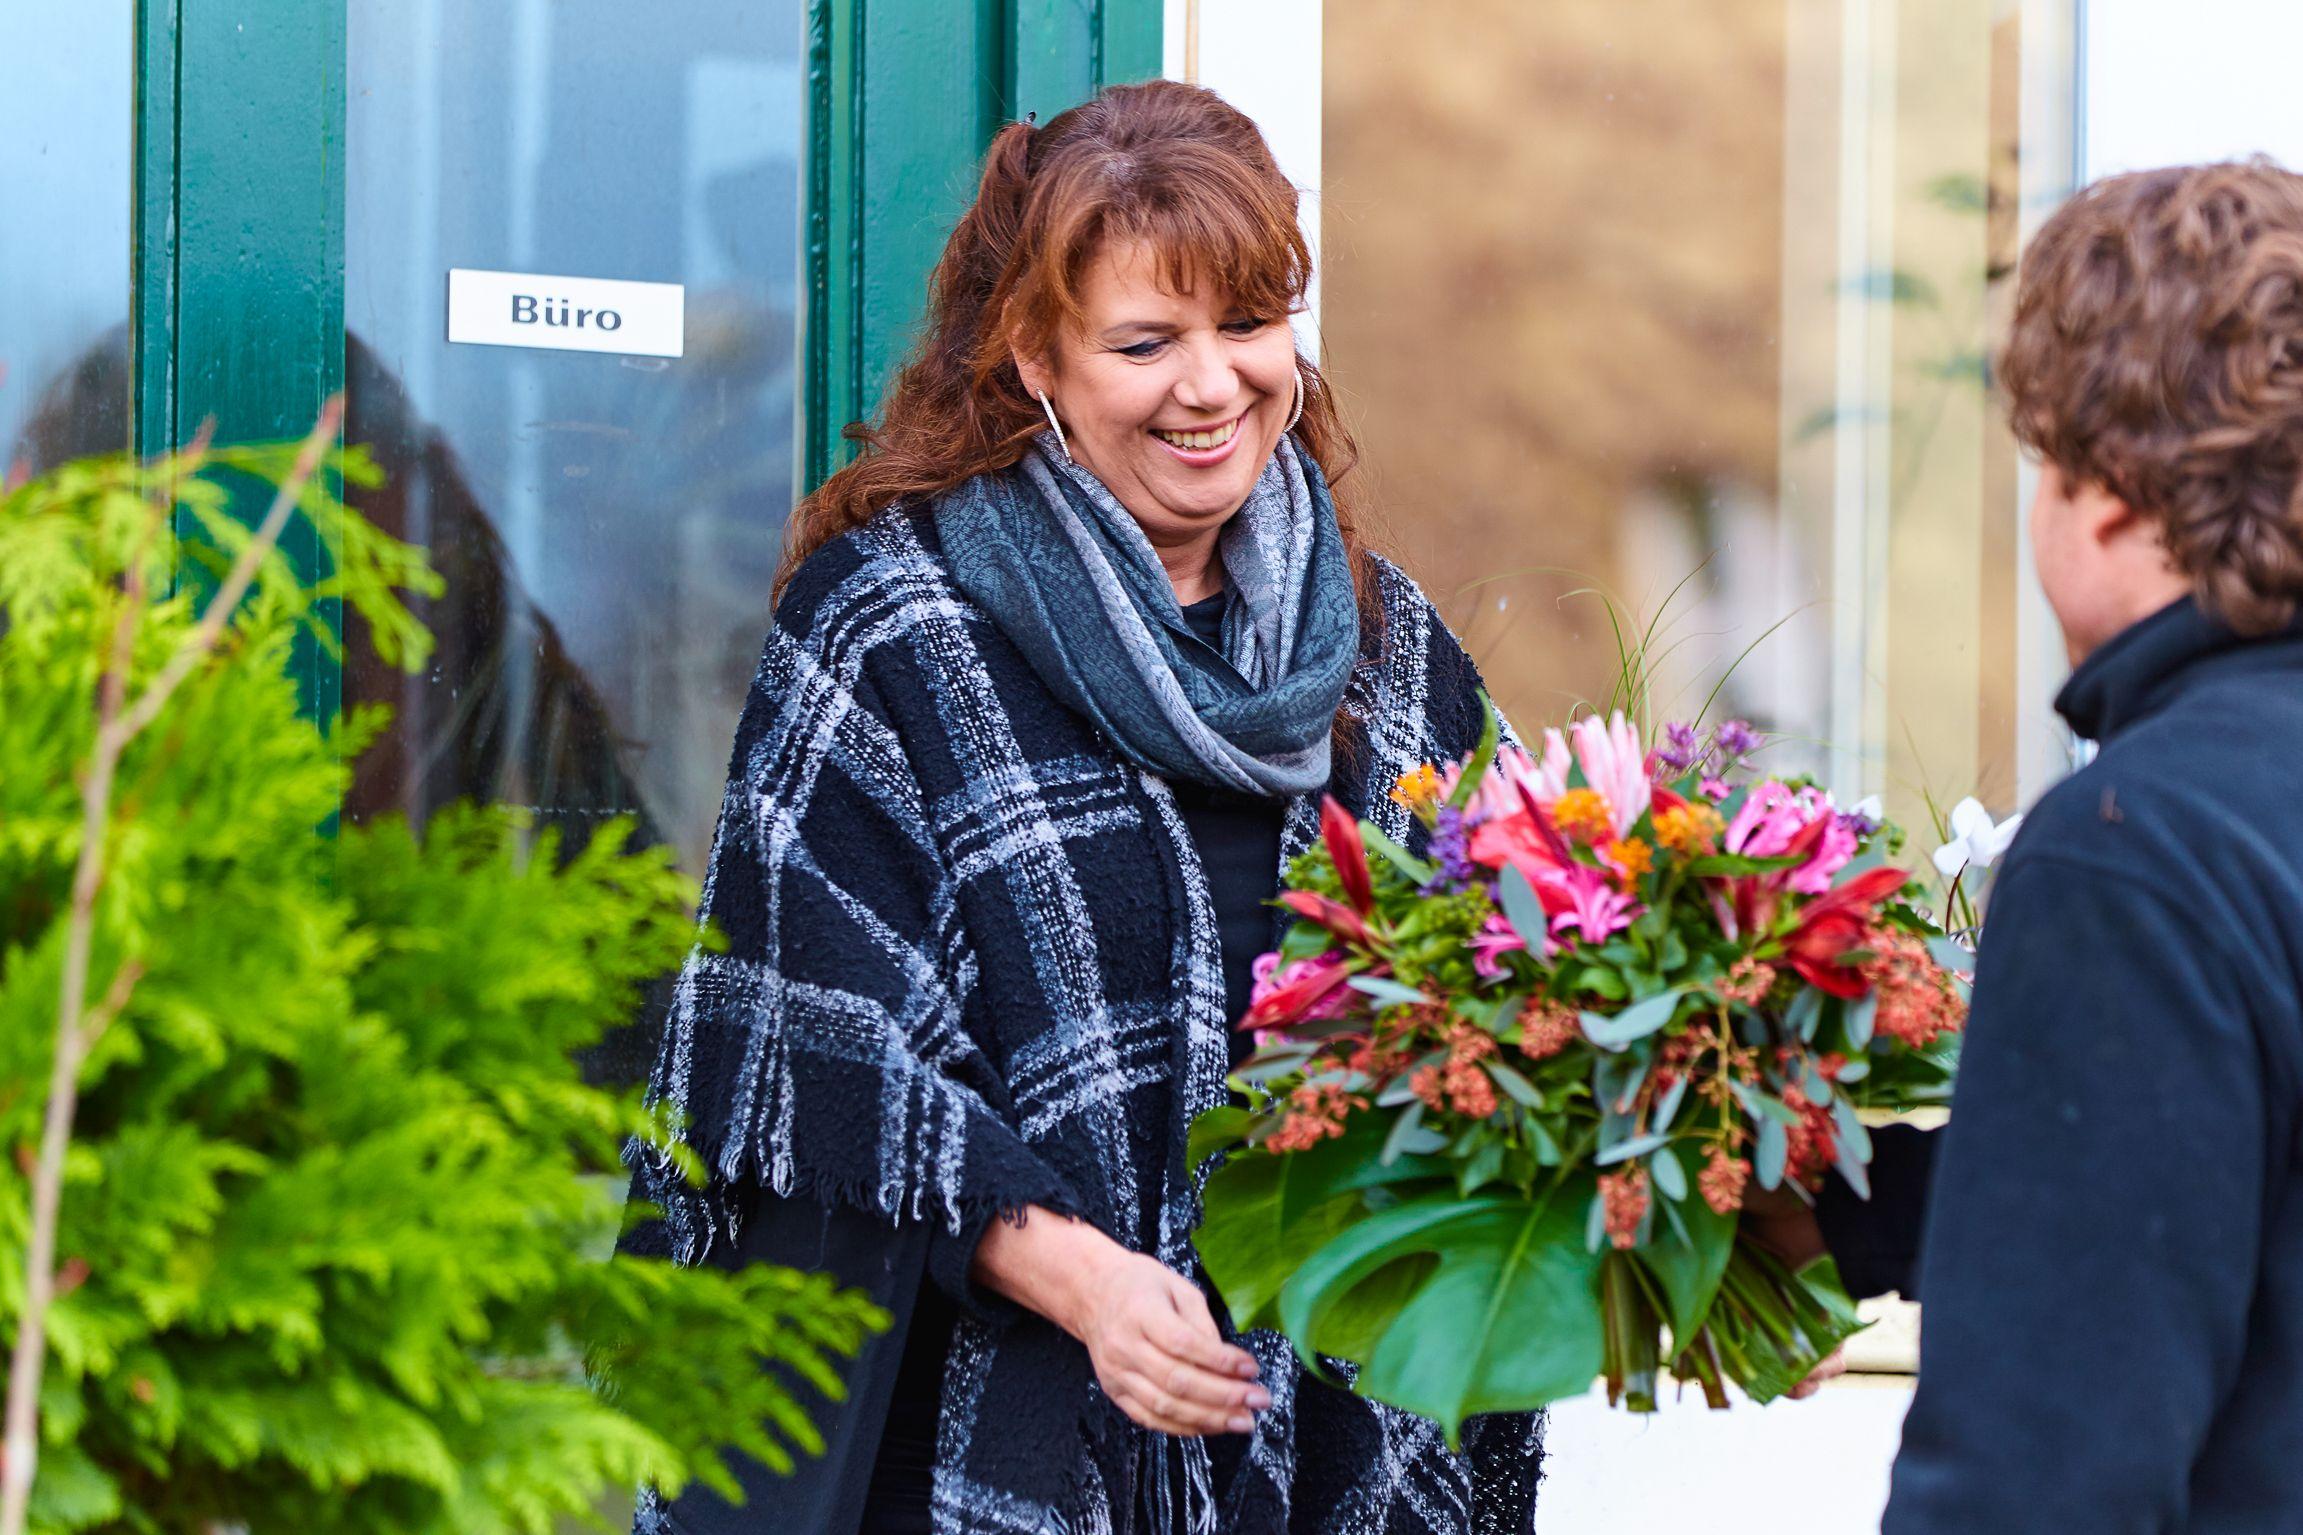 Internationaler Frauentag  – Blumen als besonderes Geschenk der Anerkennung